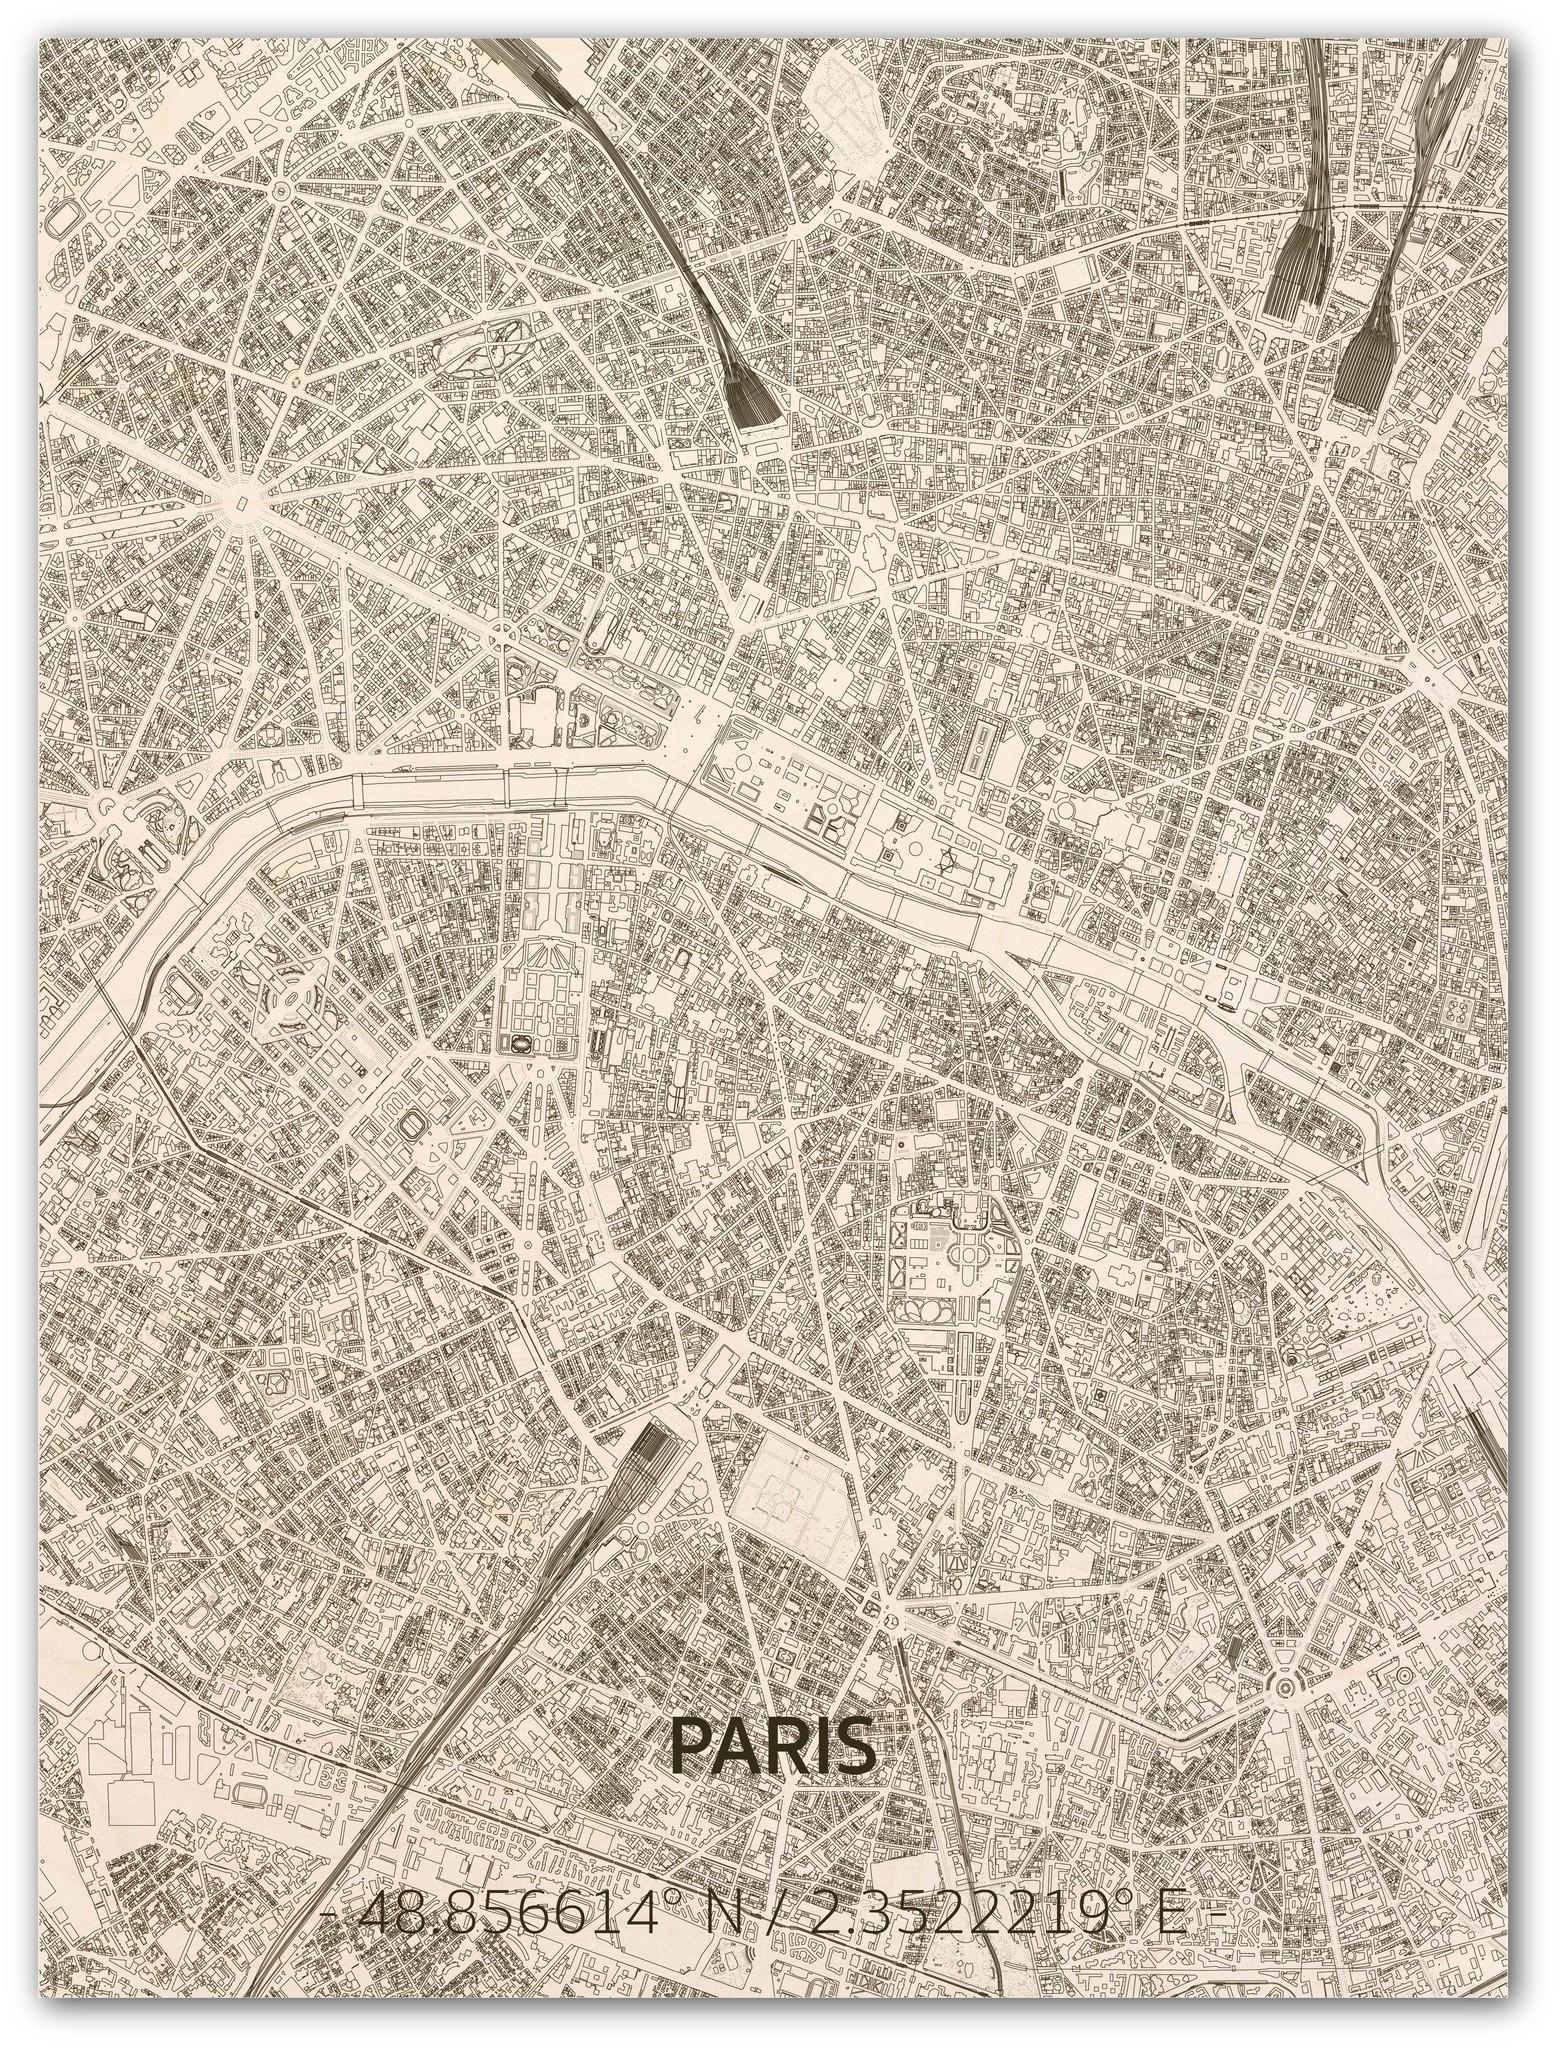 SALE | Parijs | SALE-1